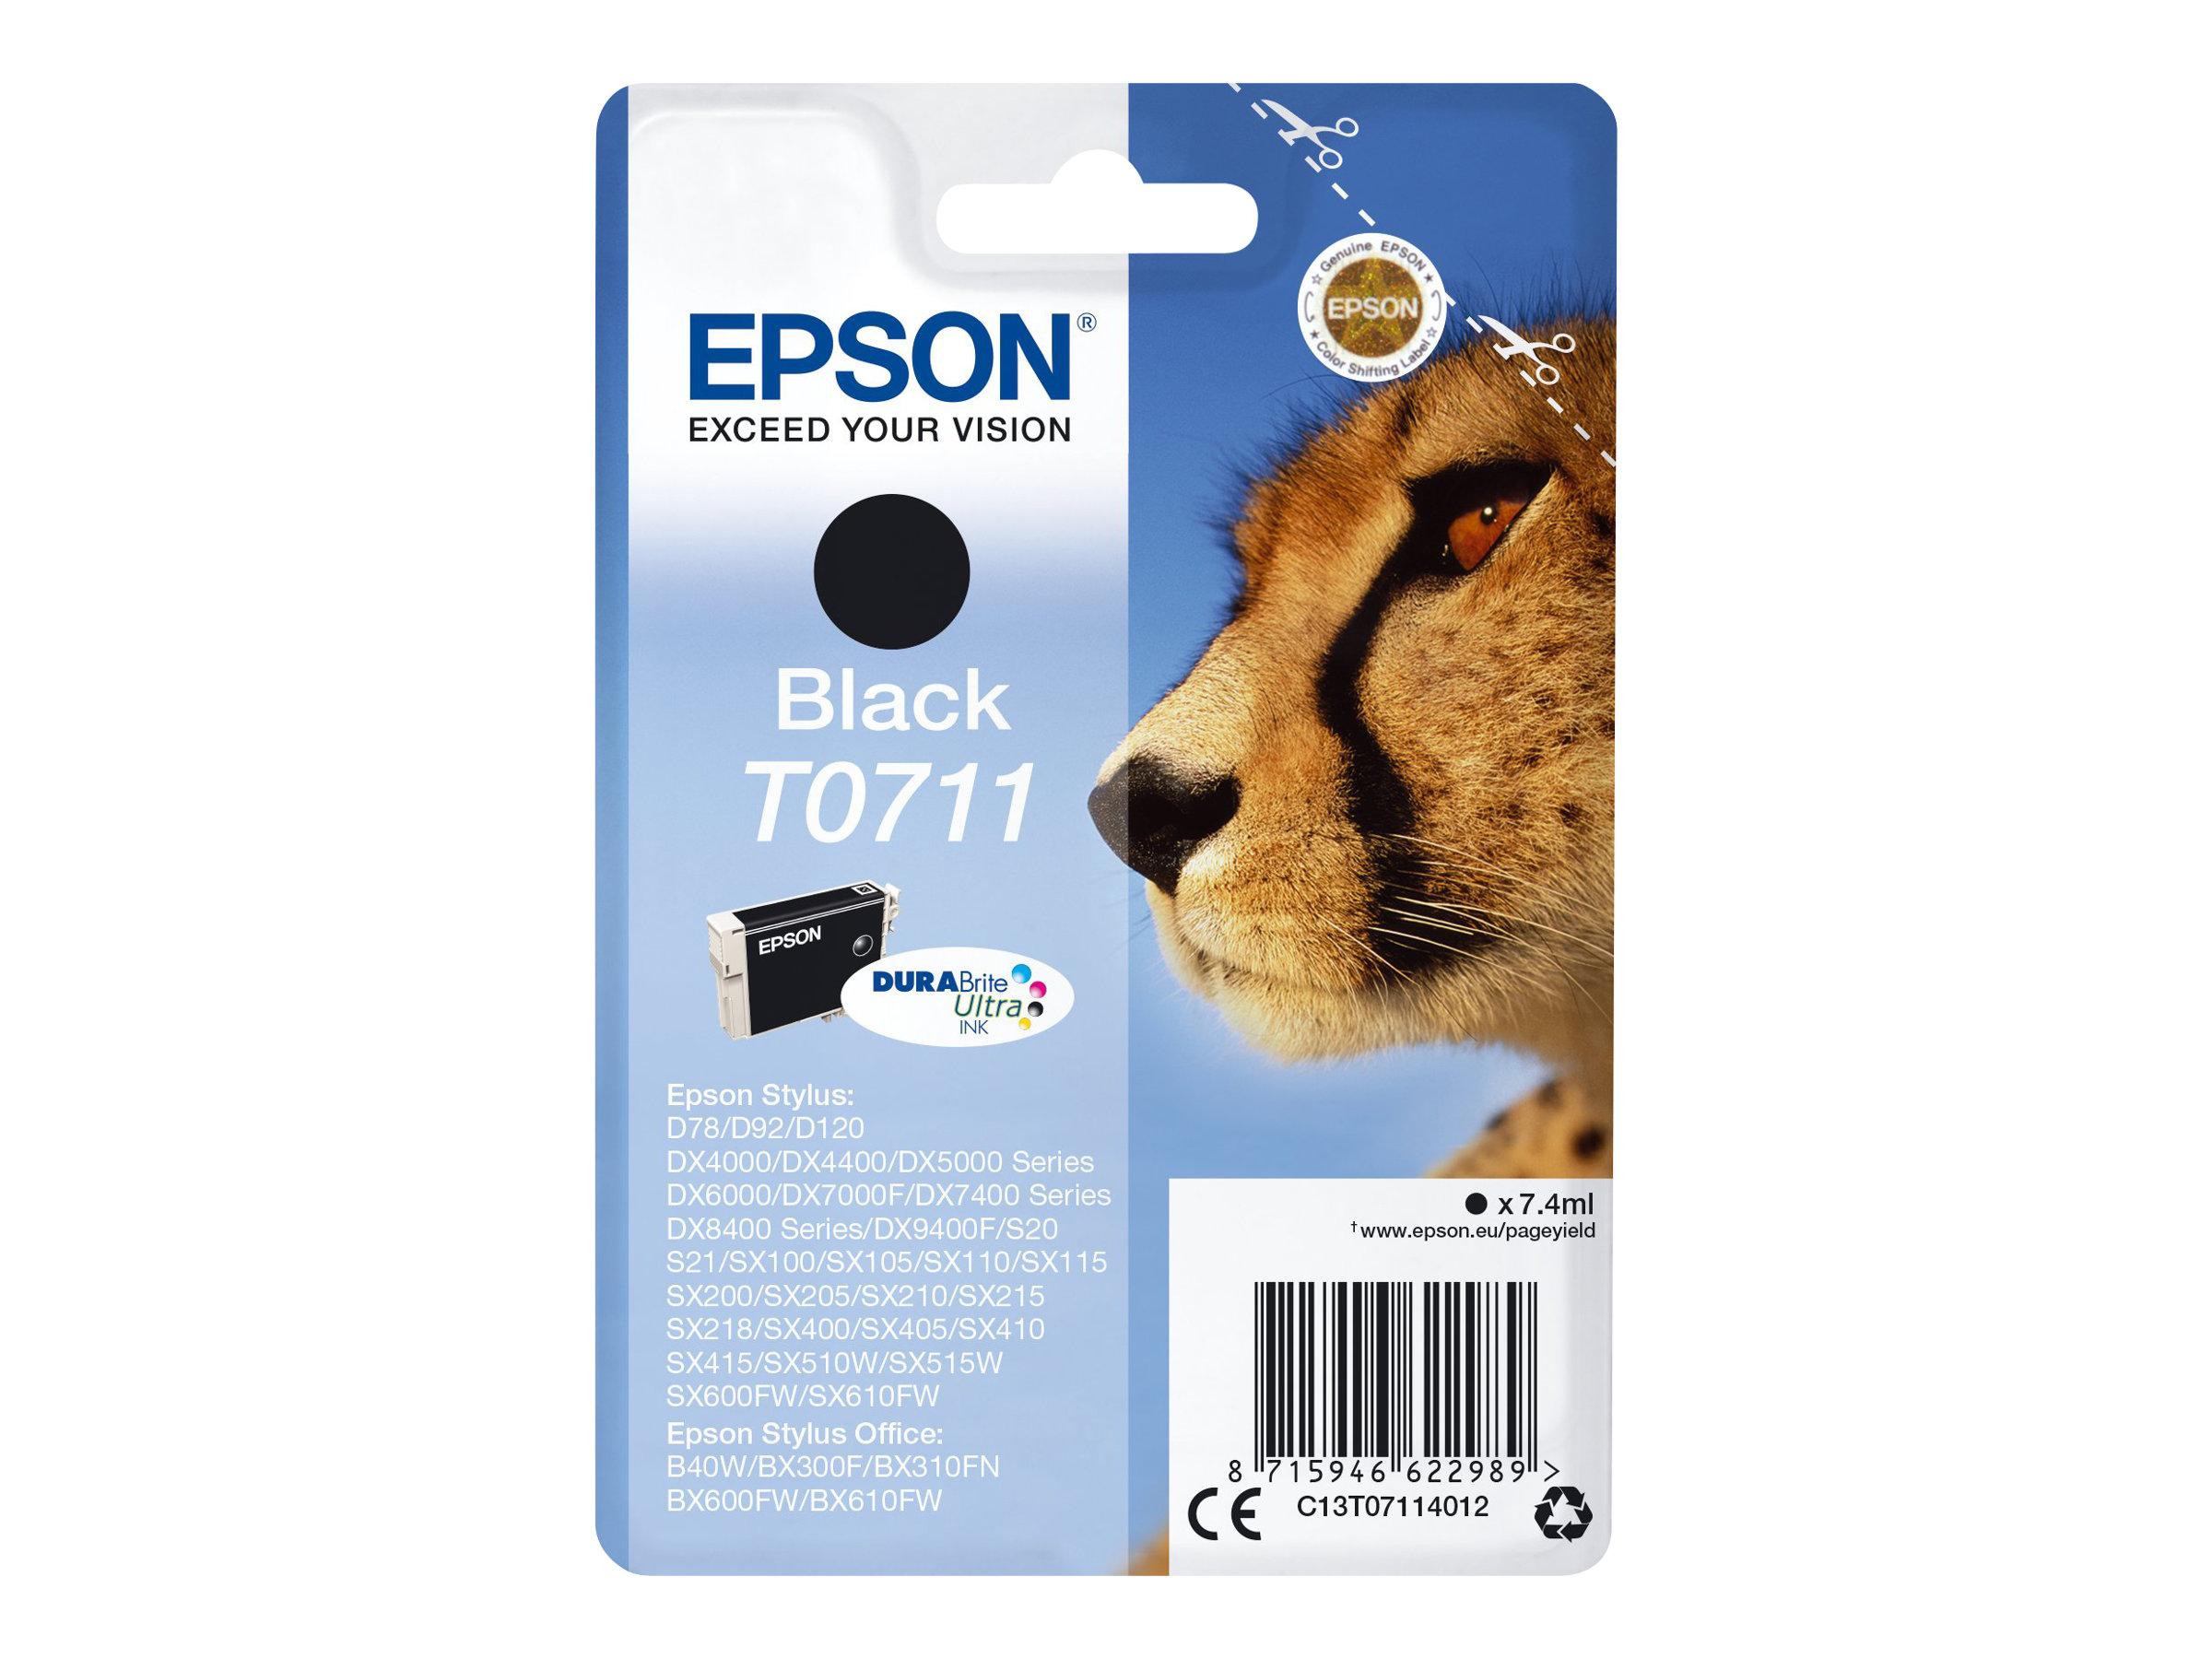 Epson T0711 - 7 ml - Schwarz - Original - Tintenpatrone - für Stylus DX9400, SX115, SX210, SX215, SX218, SX415, SX515, SX610; St